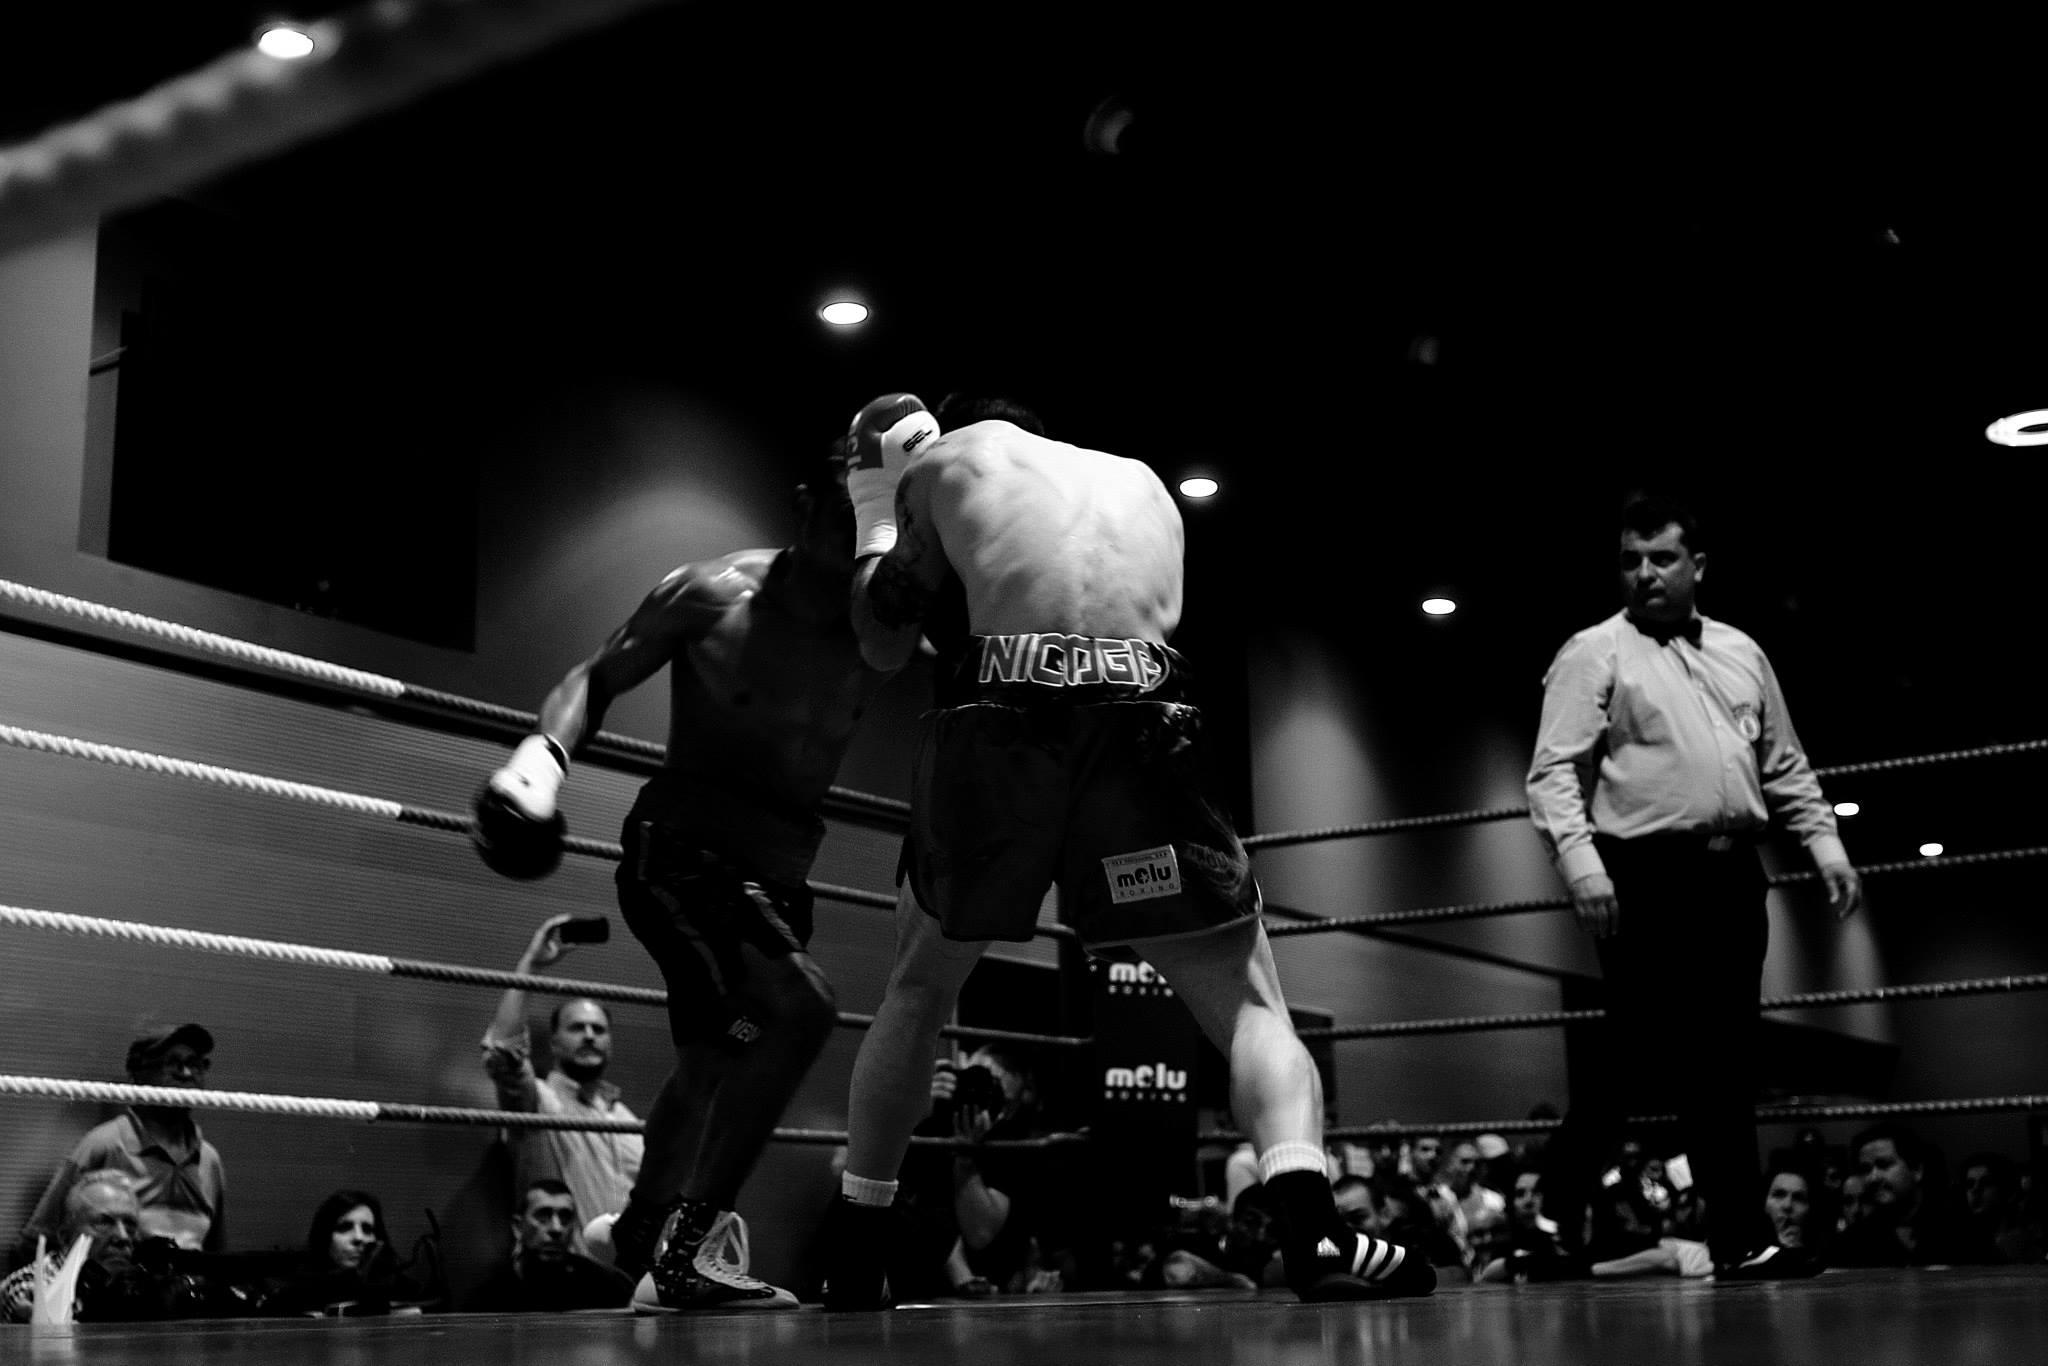 El boxeo y la lucha son deporte nacional en una quincena de países.